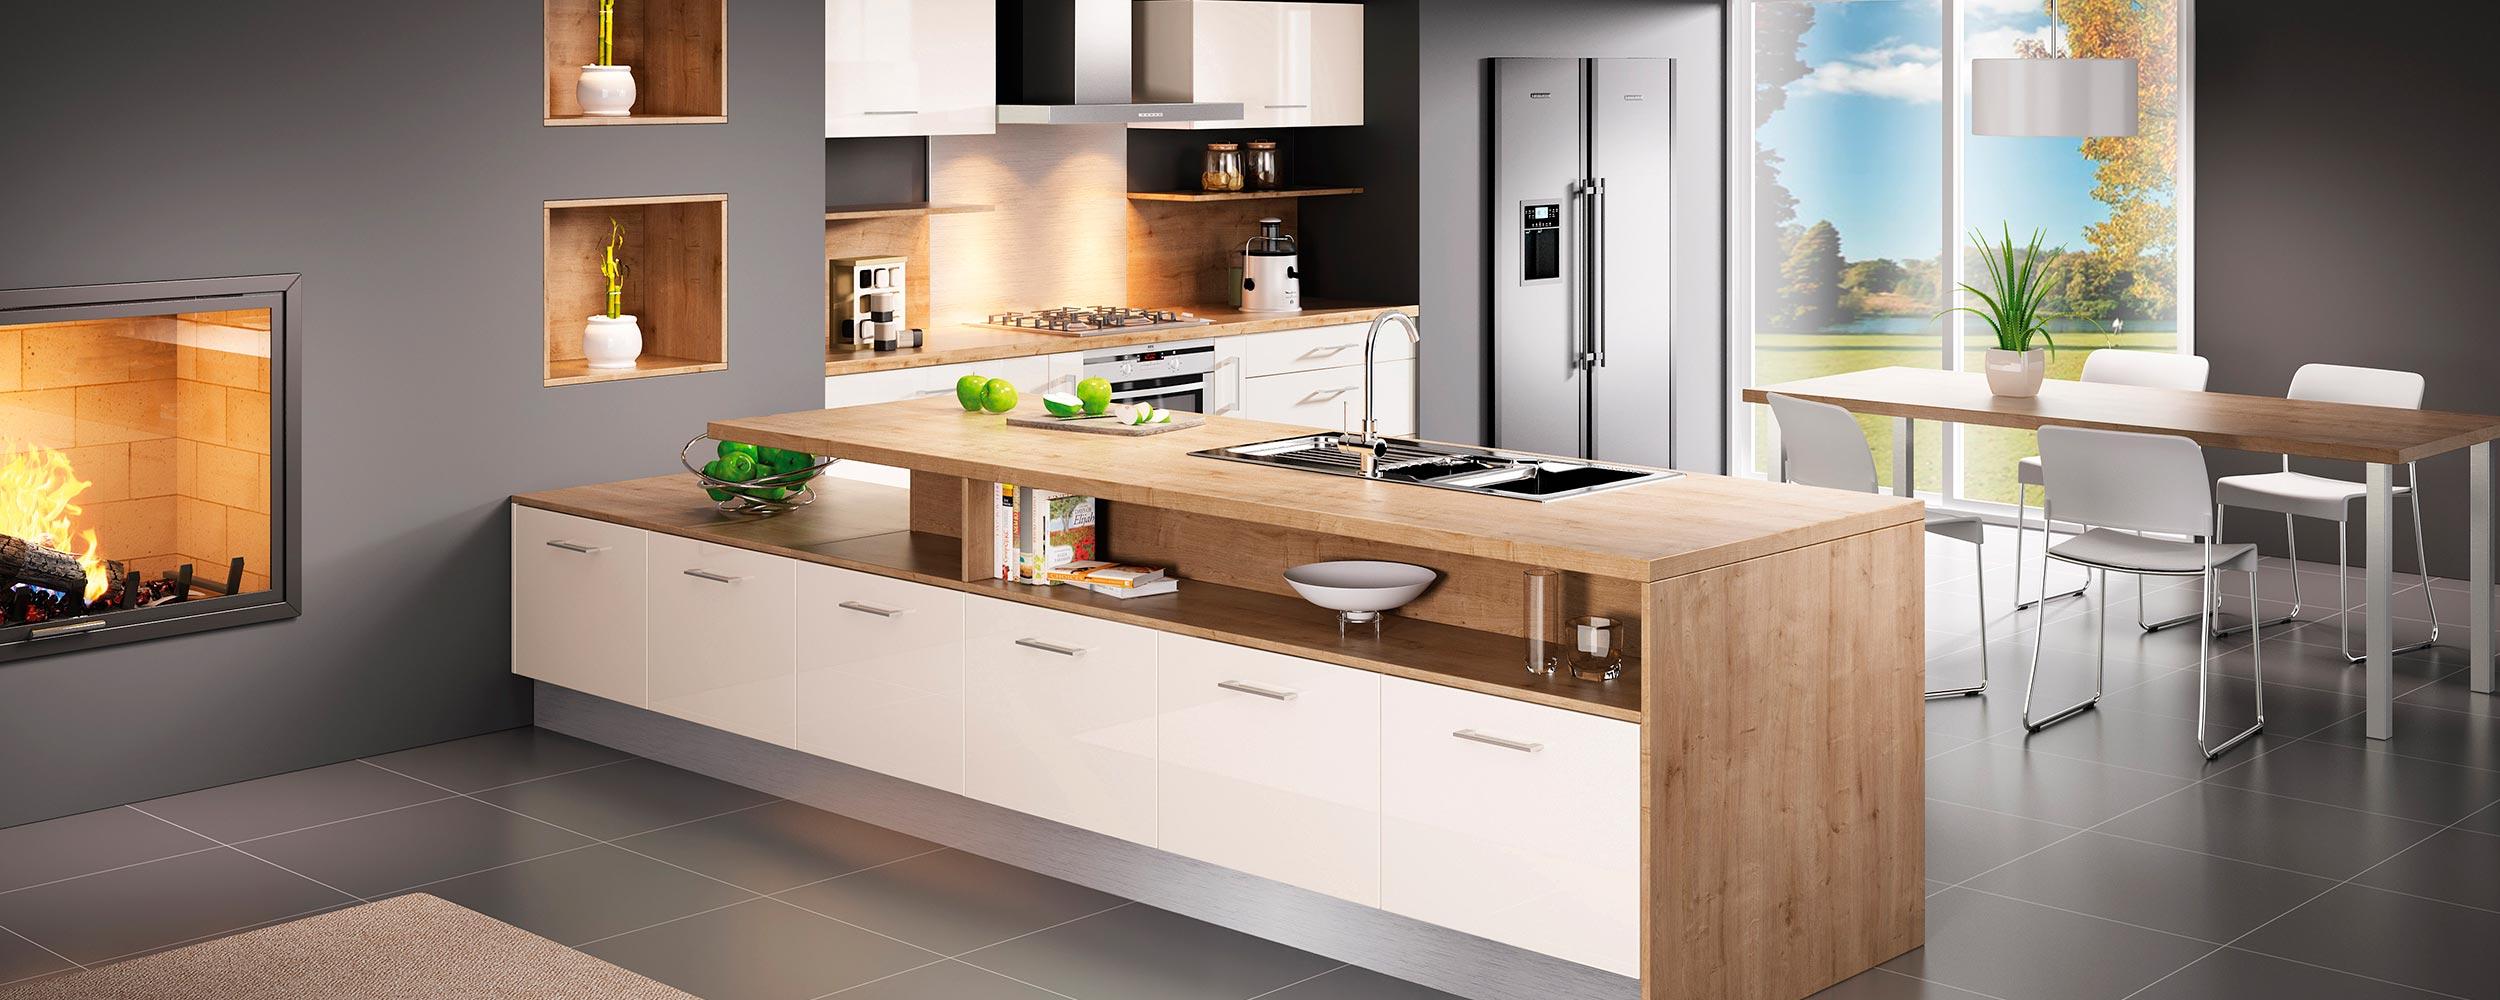 idea cuisines modèle platine ivoire